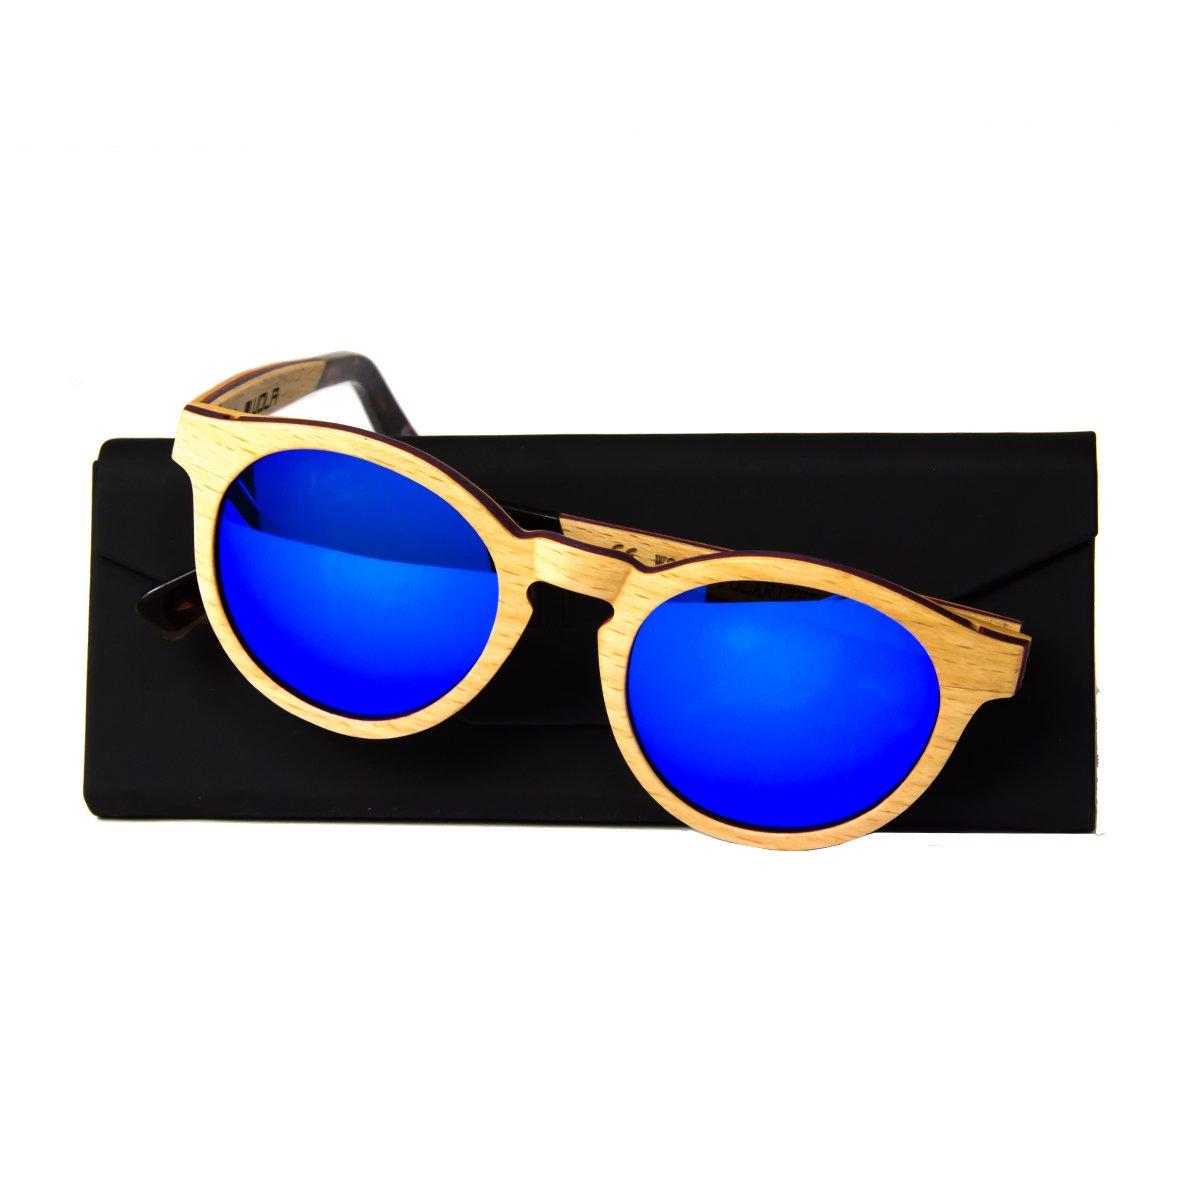 WOLA Damen Herren Sonnenbrille Holz FORREST Brille oval Vollholz und Acetat polarisiert UV400 Nussholz Unisex Damen M - Herren S trAQKeI